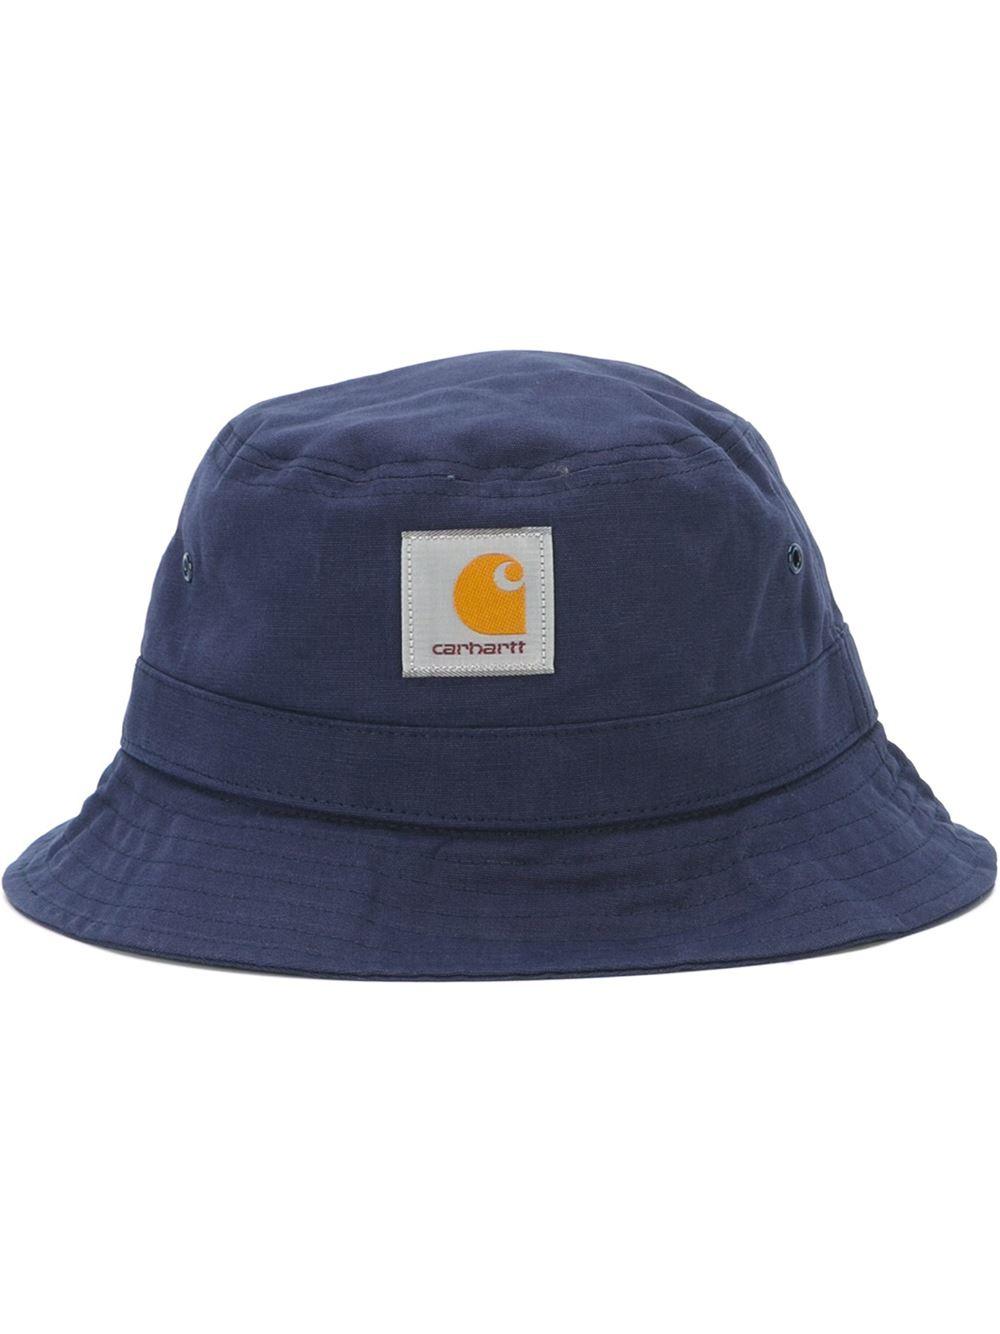 Carhartt Watch Bucket Hat in Blue for Men - Lyst 82be4cf23028